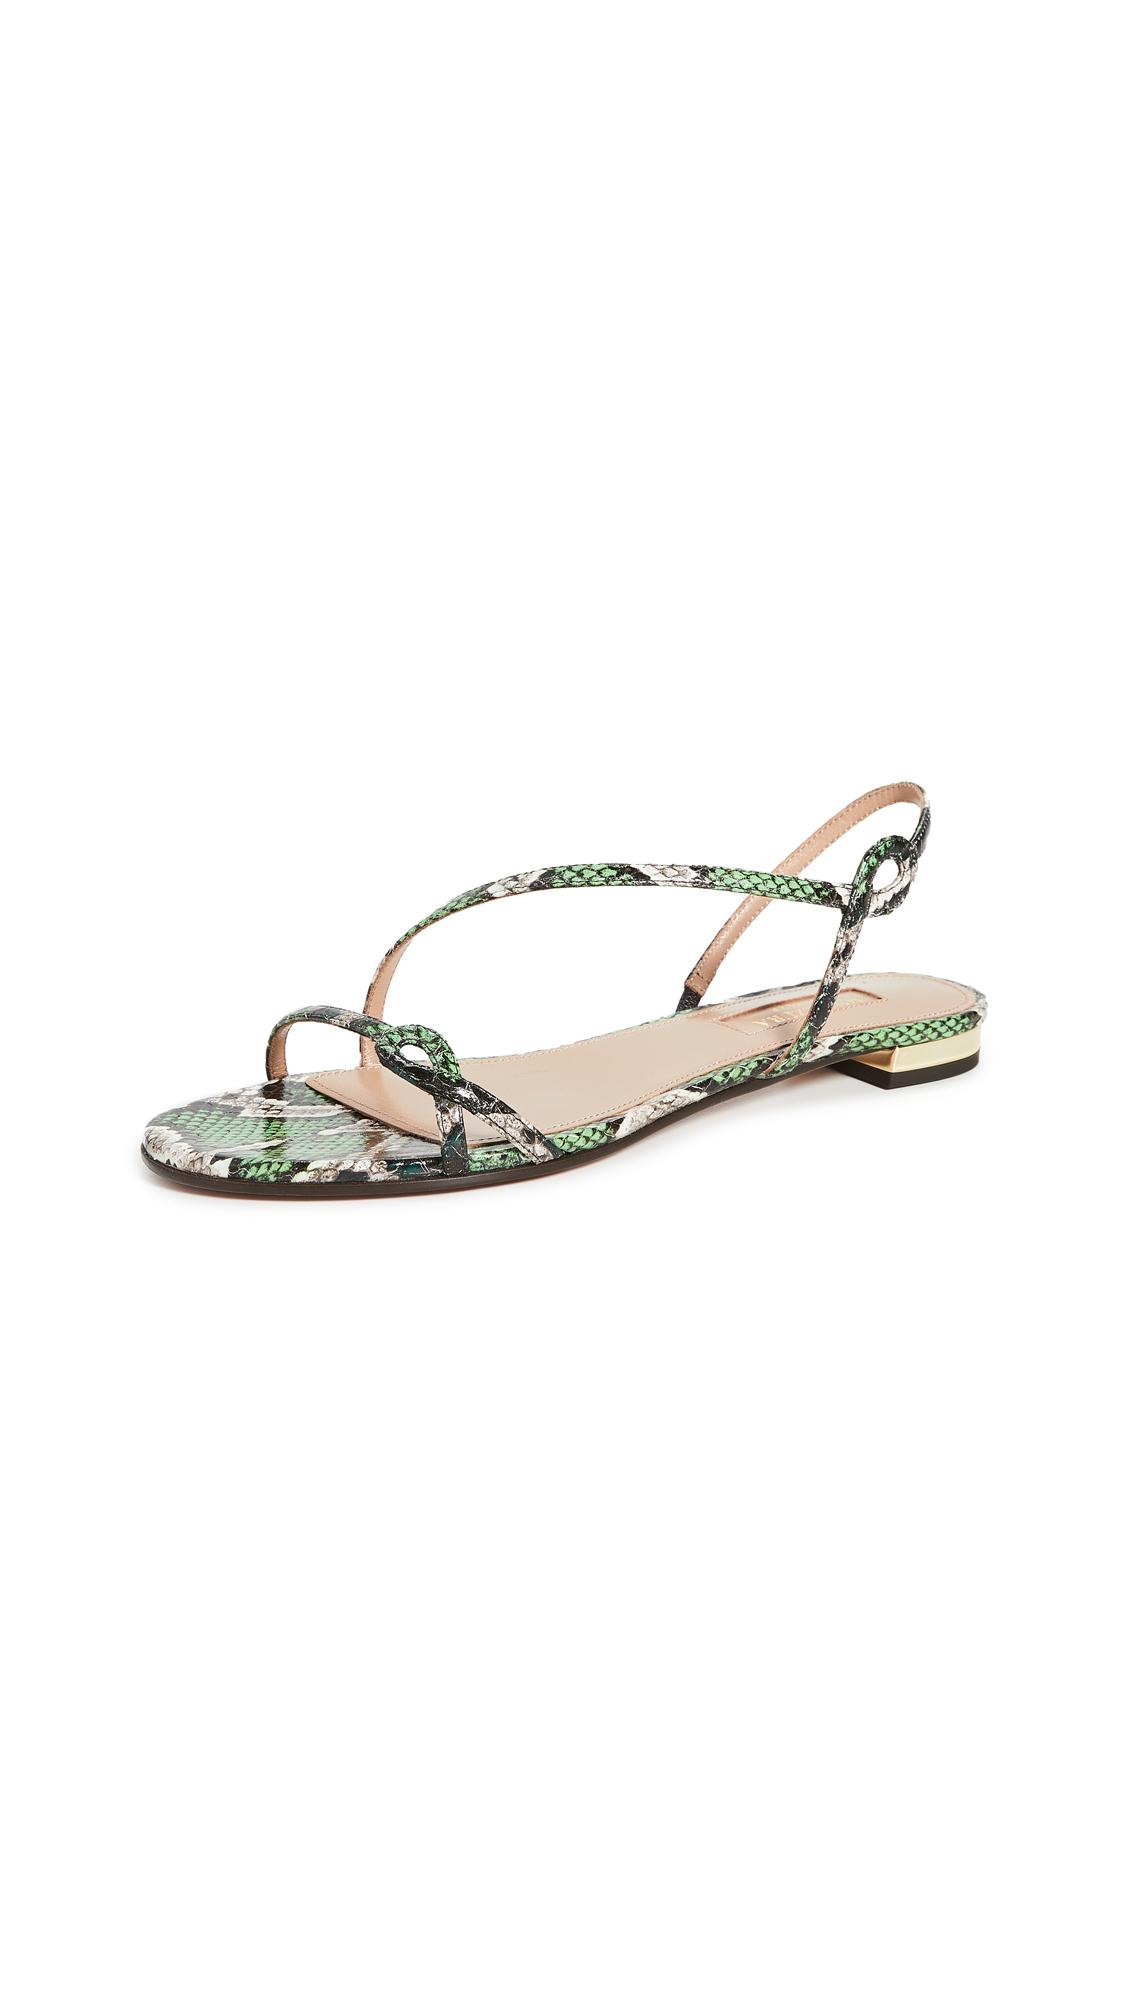 Buy Aquazzura Serpentine Sandal Flats online, shop Aquazzura